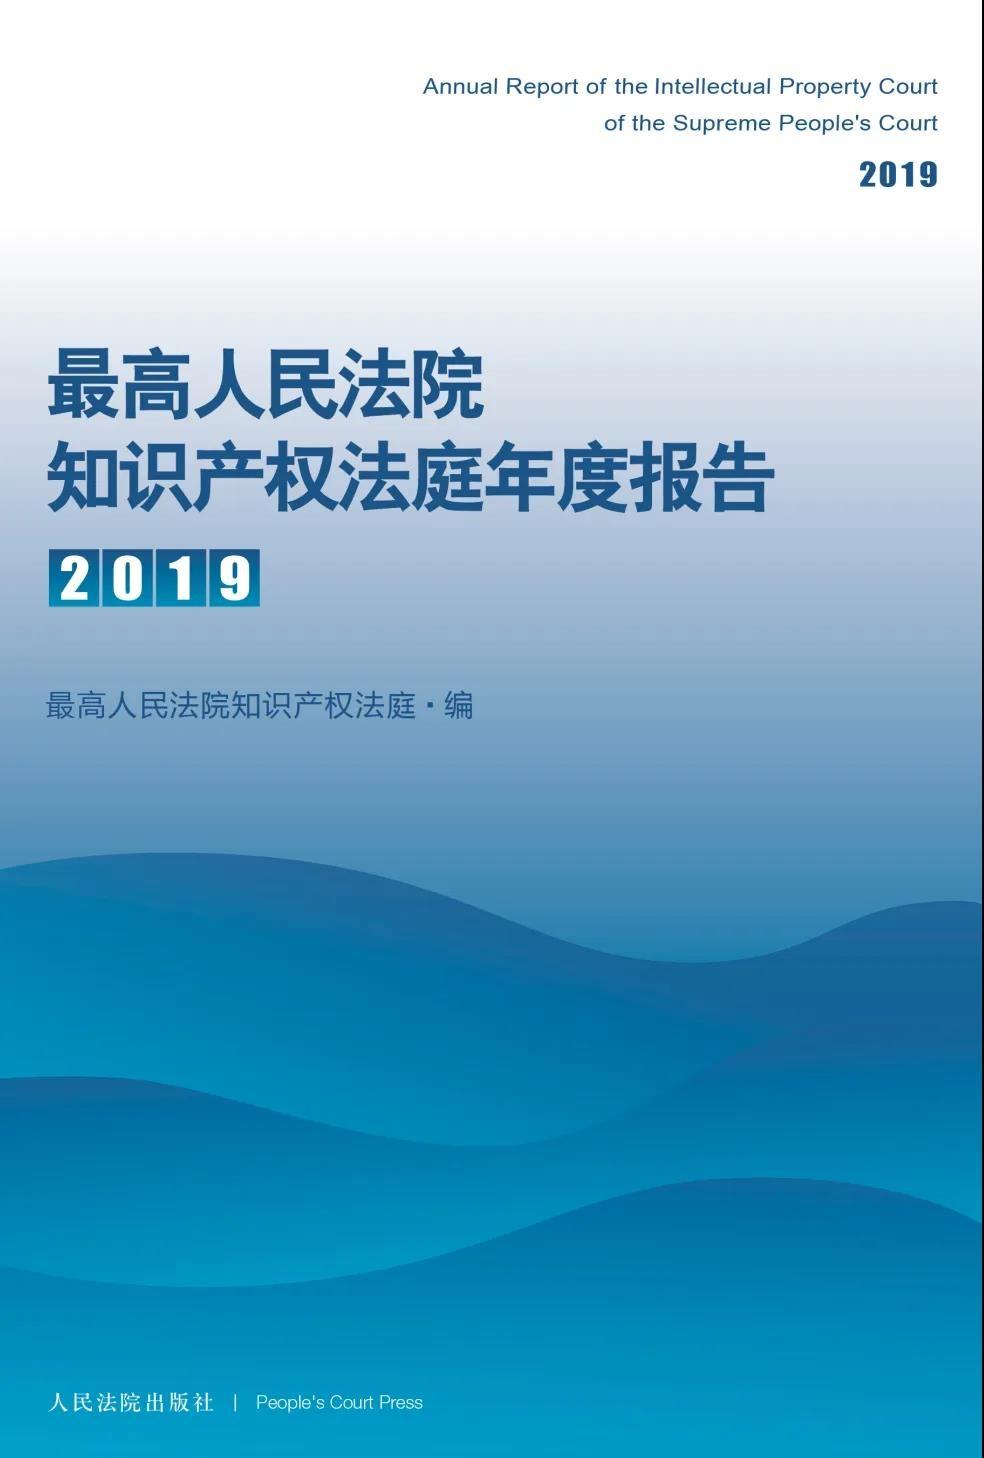 《最高人民法院知识产权法庭年度报告(2019)》发布